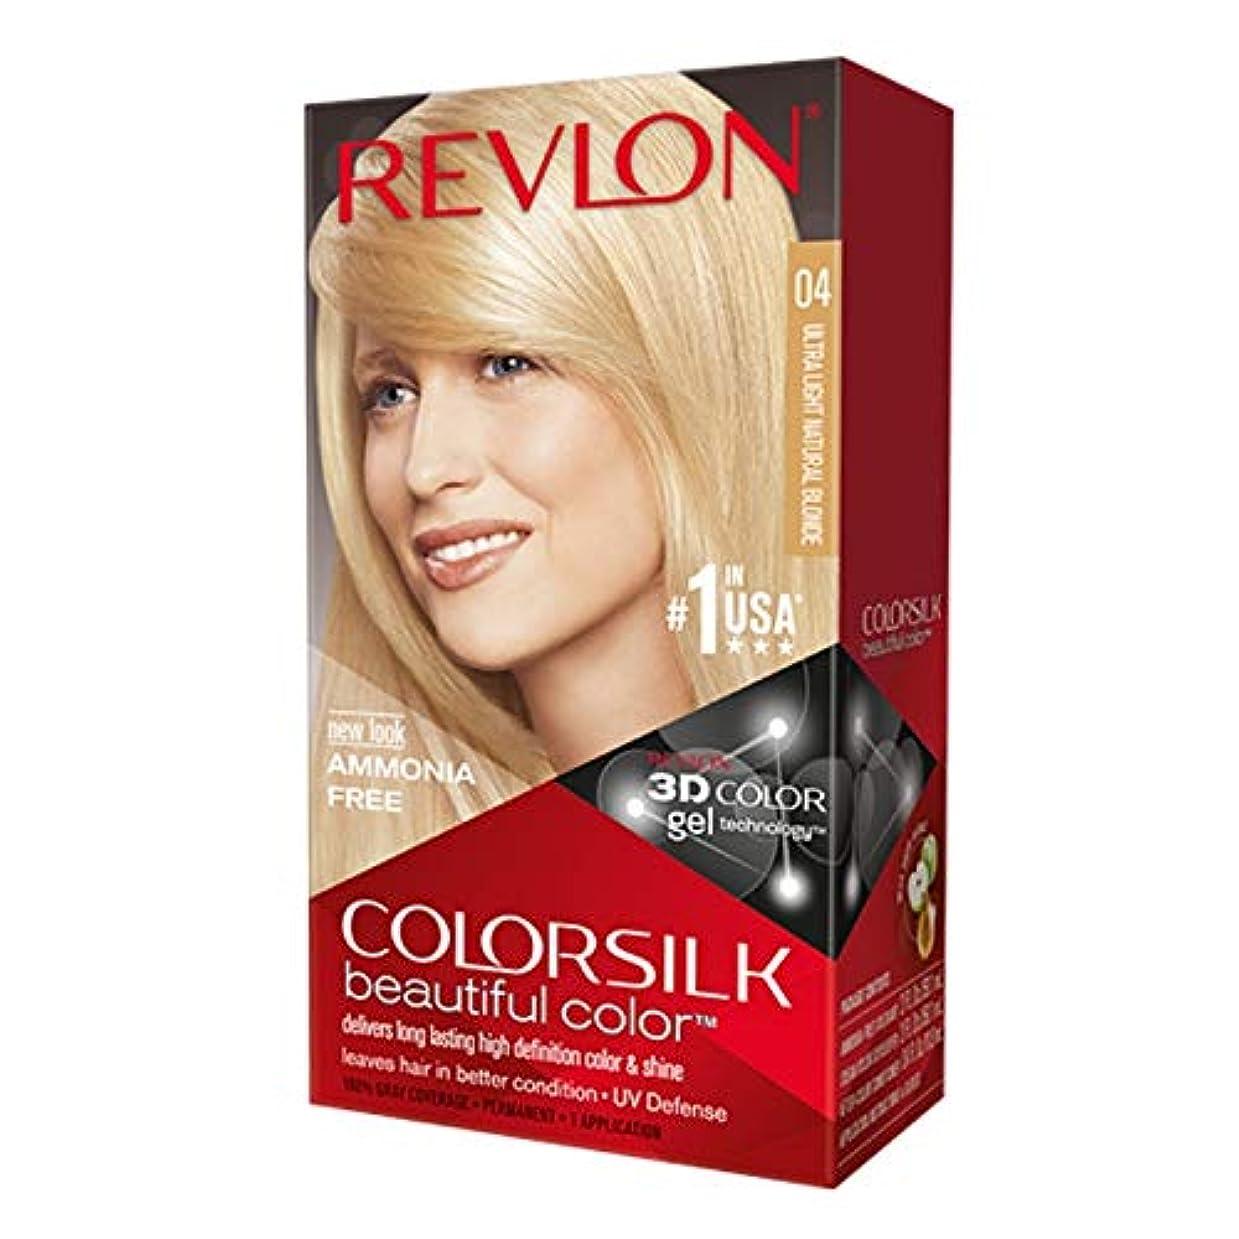 説明するデザイナー豊富なRevlon Colorsilkの#04 ULT-LTナットBLND